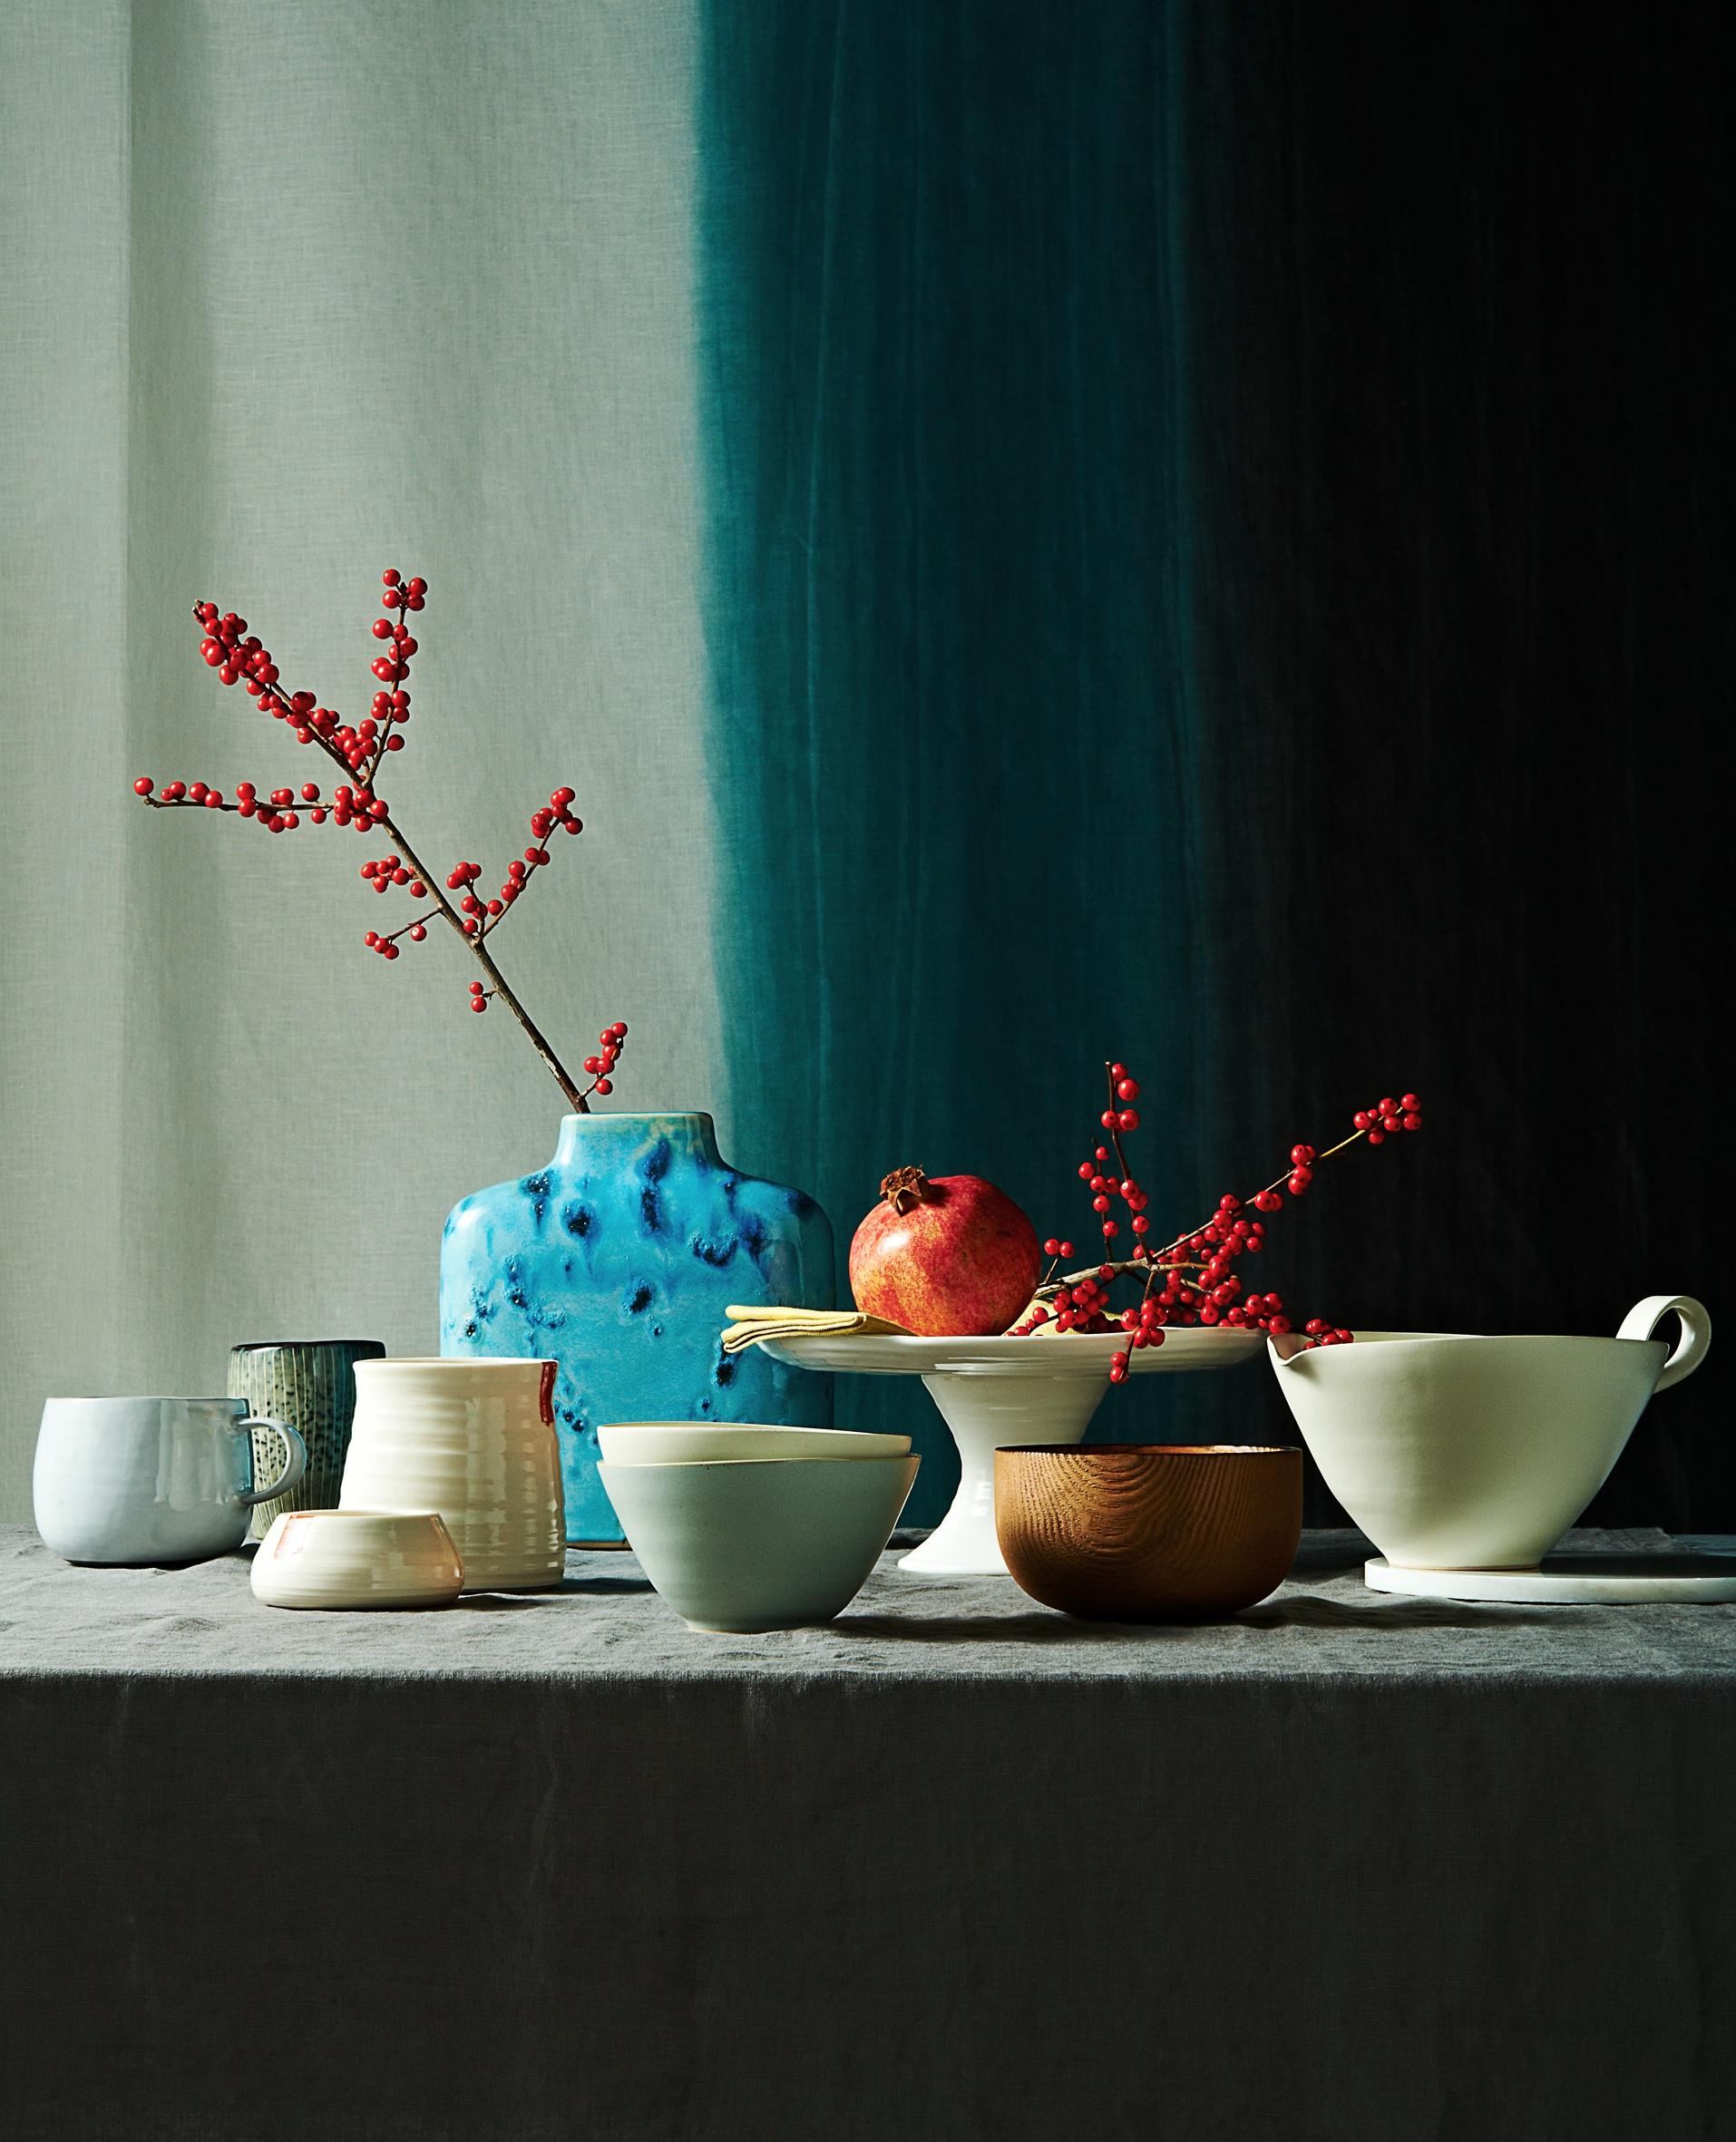 YOU-artisan kitchen-3 low res.jpg